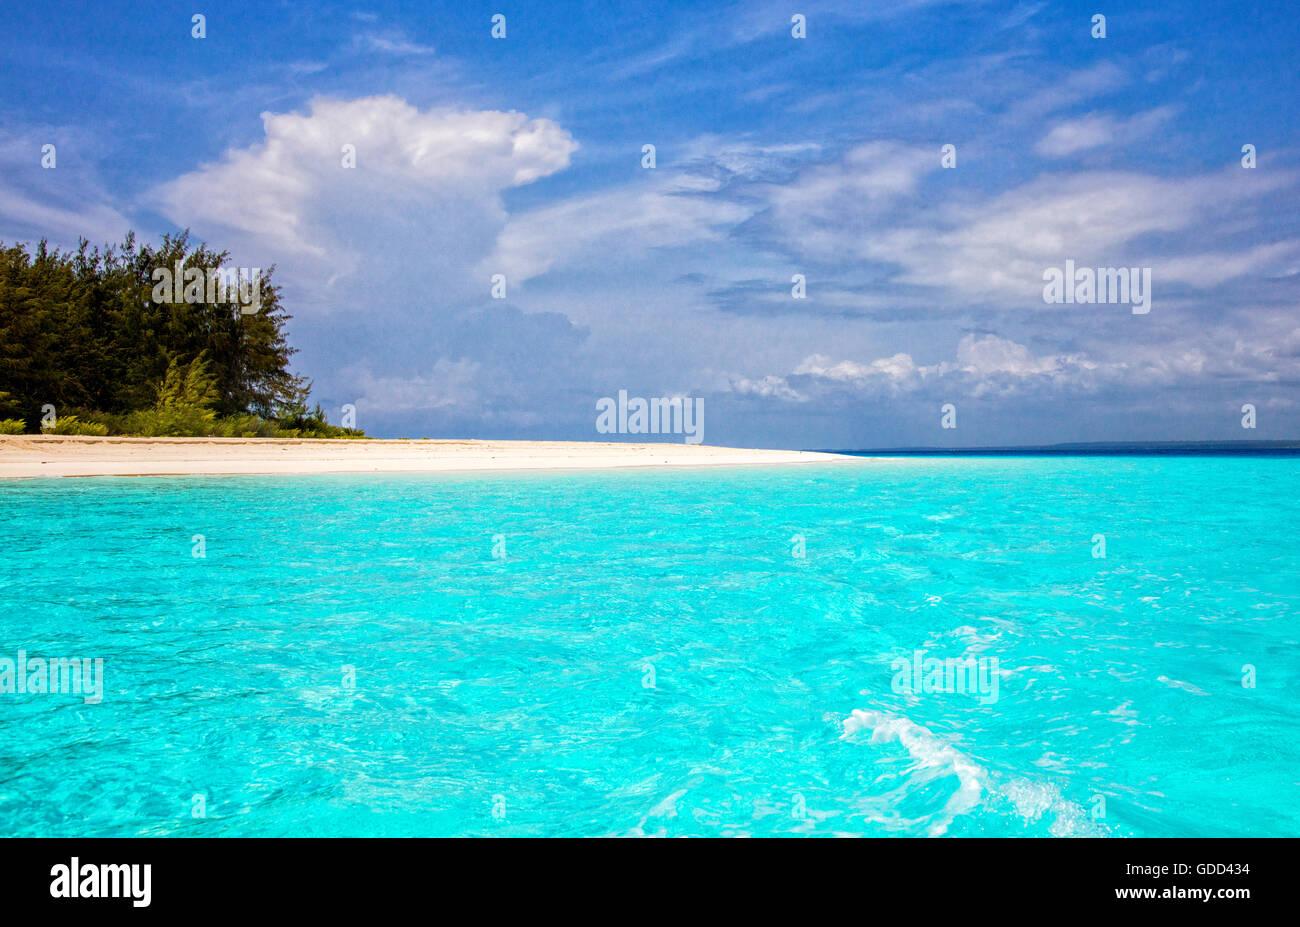 Türkisblaues Wasser off weißes Pulver Sand Strand auf Mnembe Island vor der Küste von Sansibar Ostafrika Stockbild